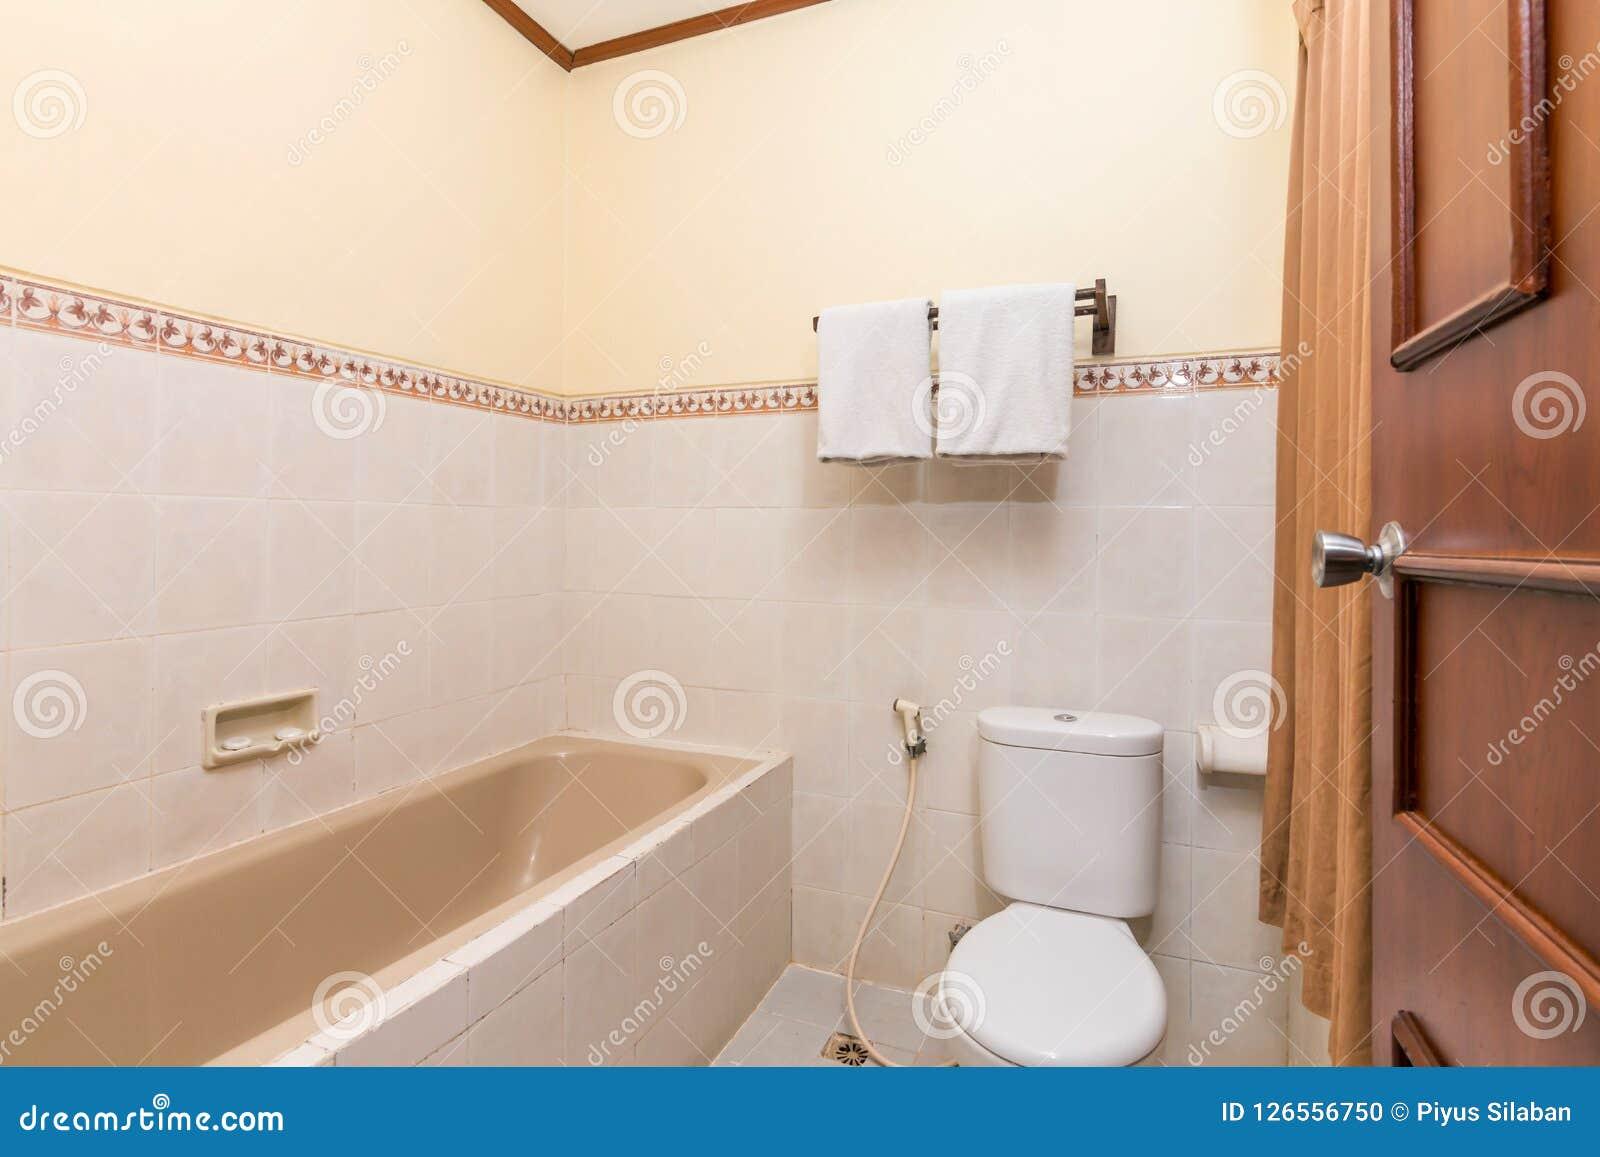 Clean and Cheap hotel bathroom